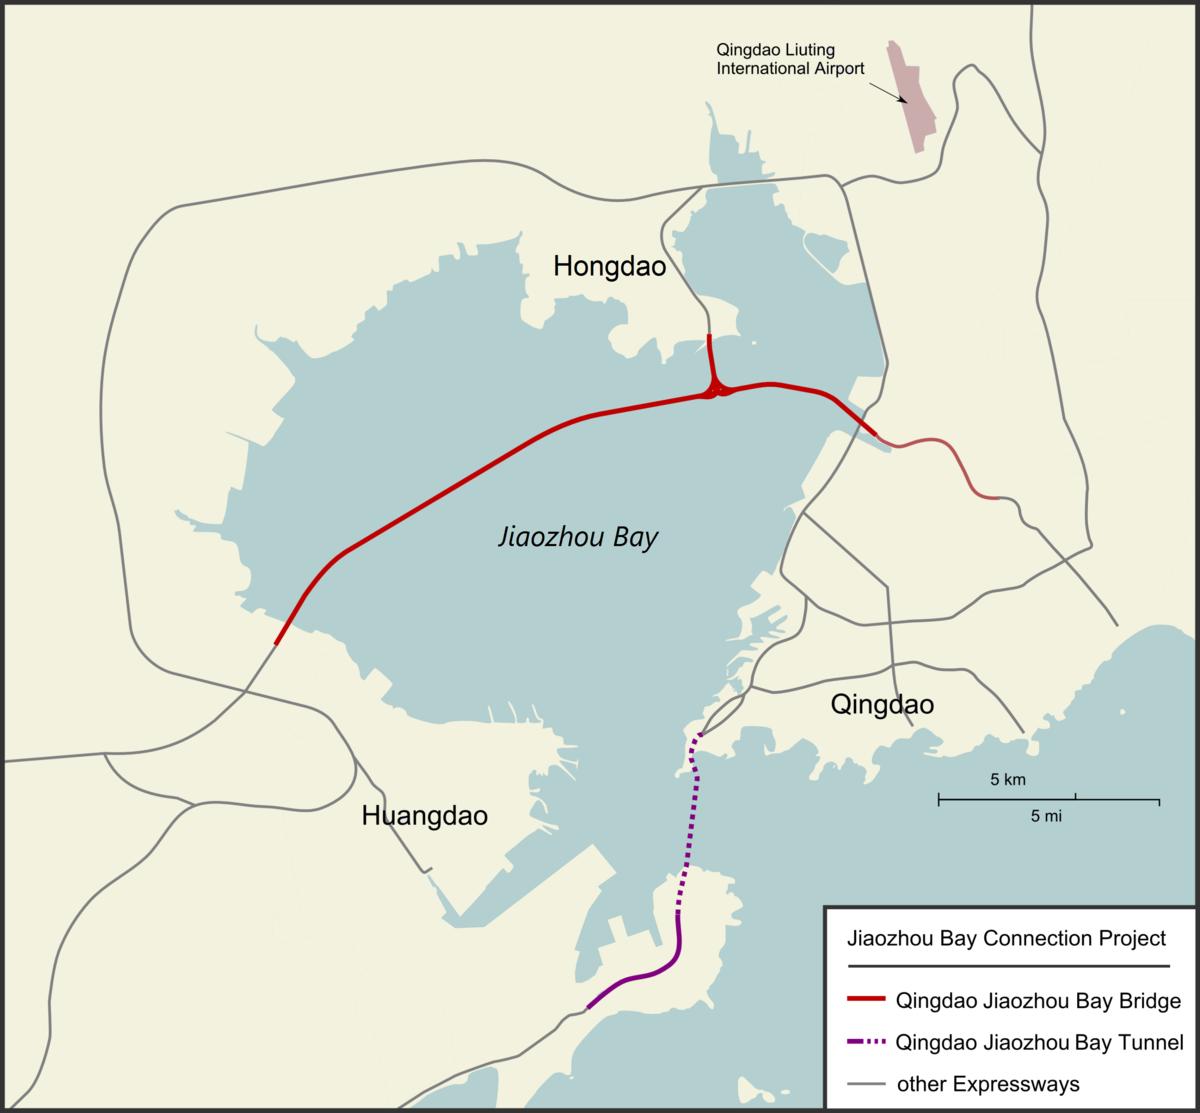 Qingdao Jiaozhou Bay tunnel - Wikipedia